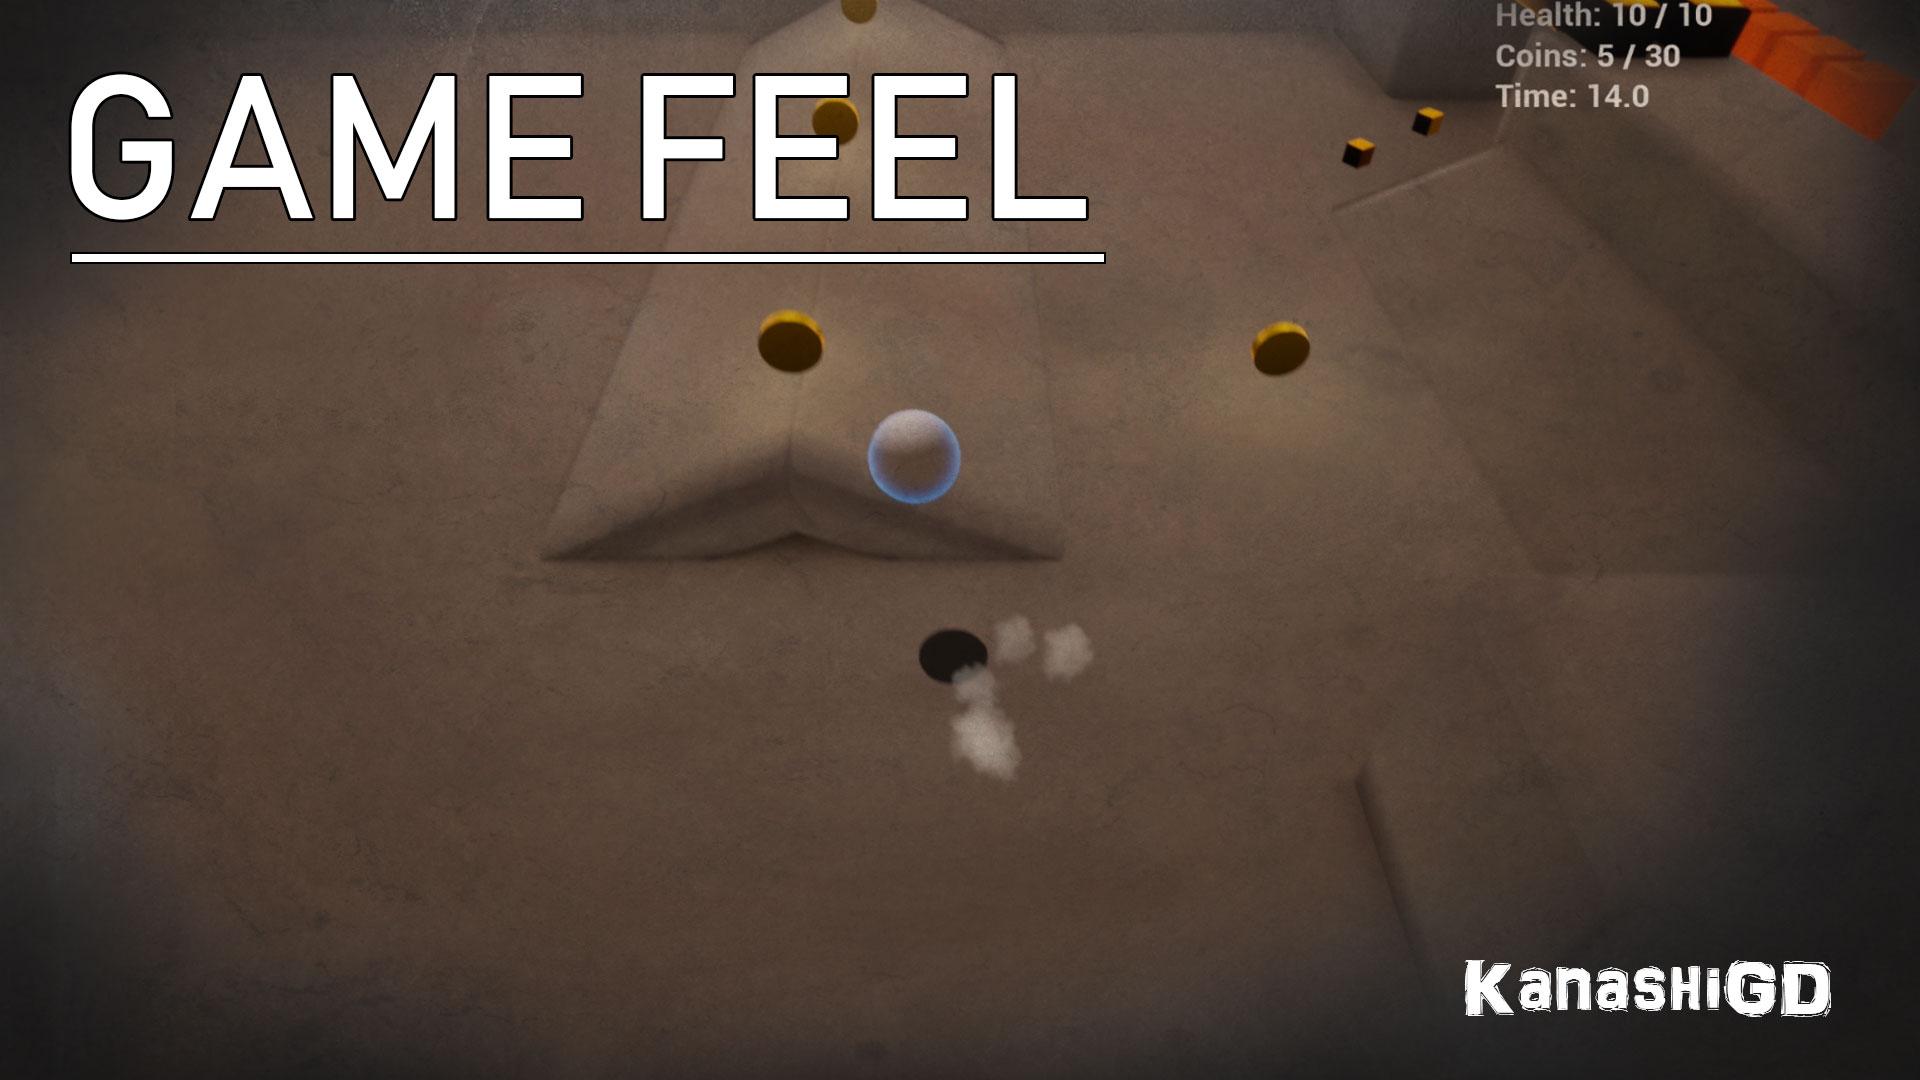 Thum_GameFeel.jpg